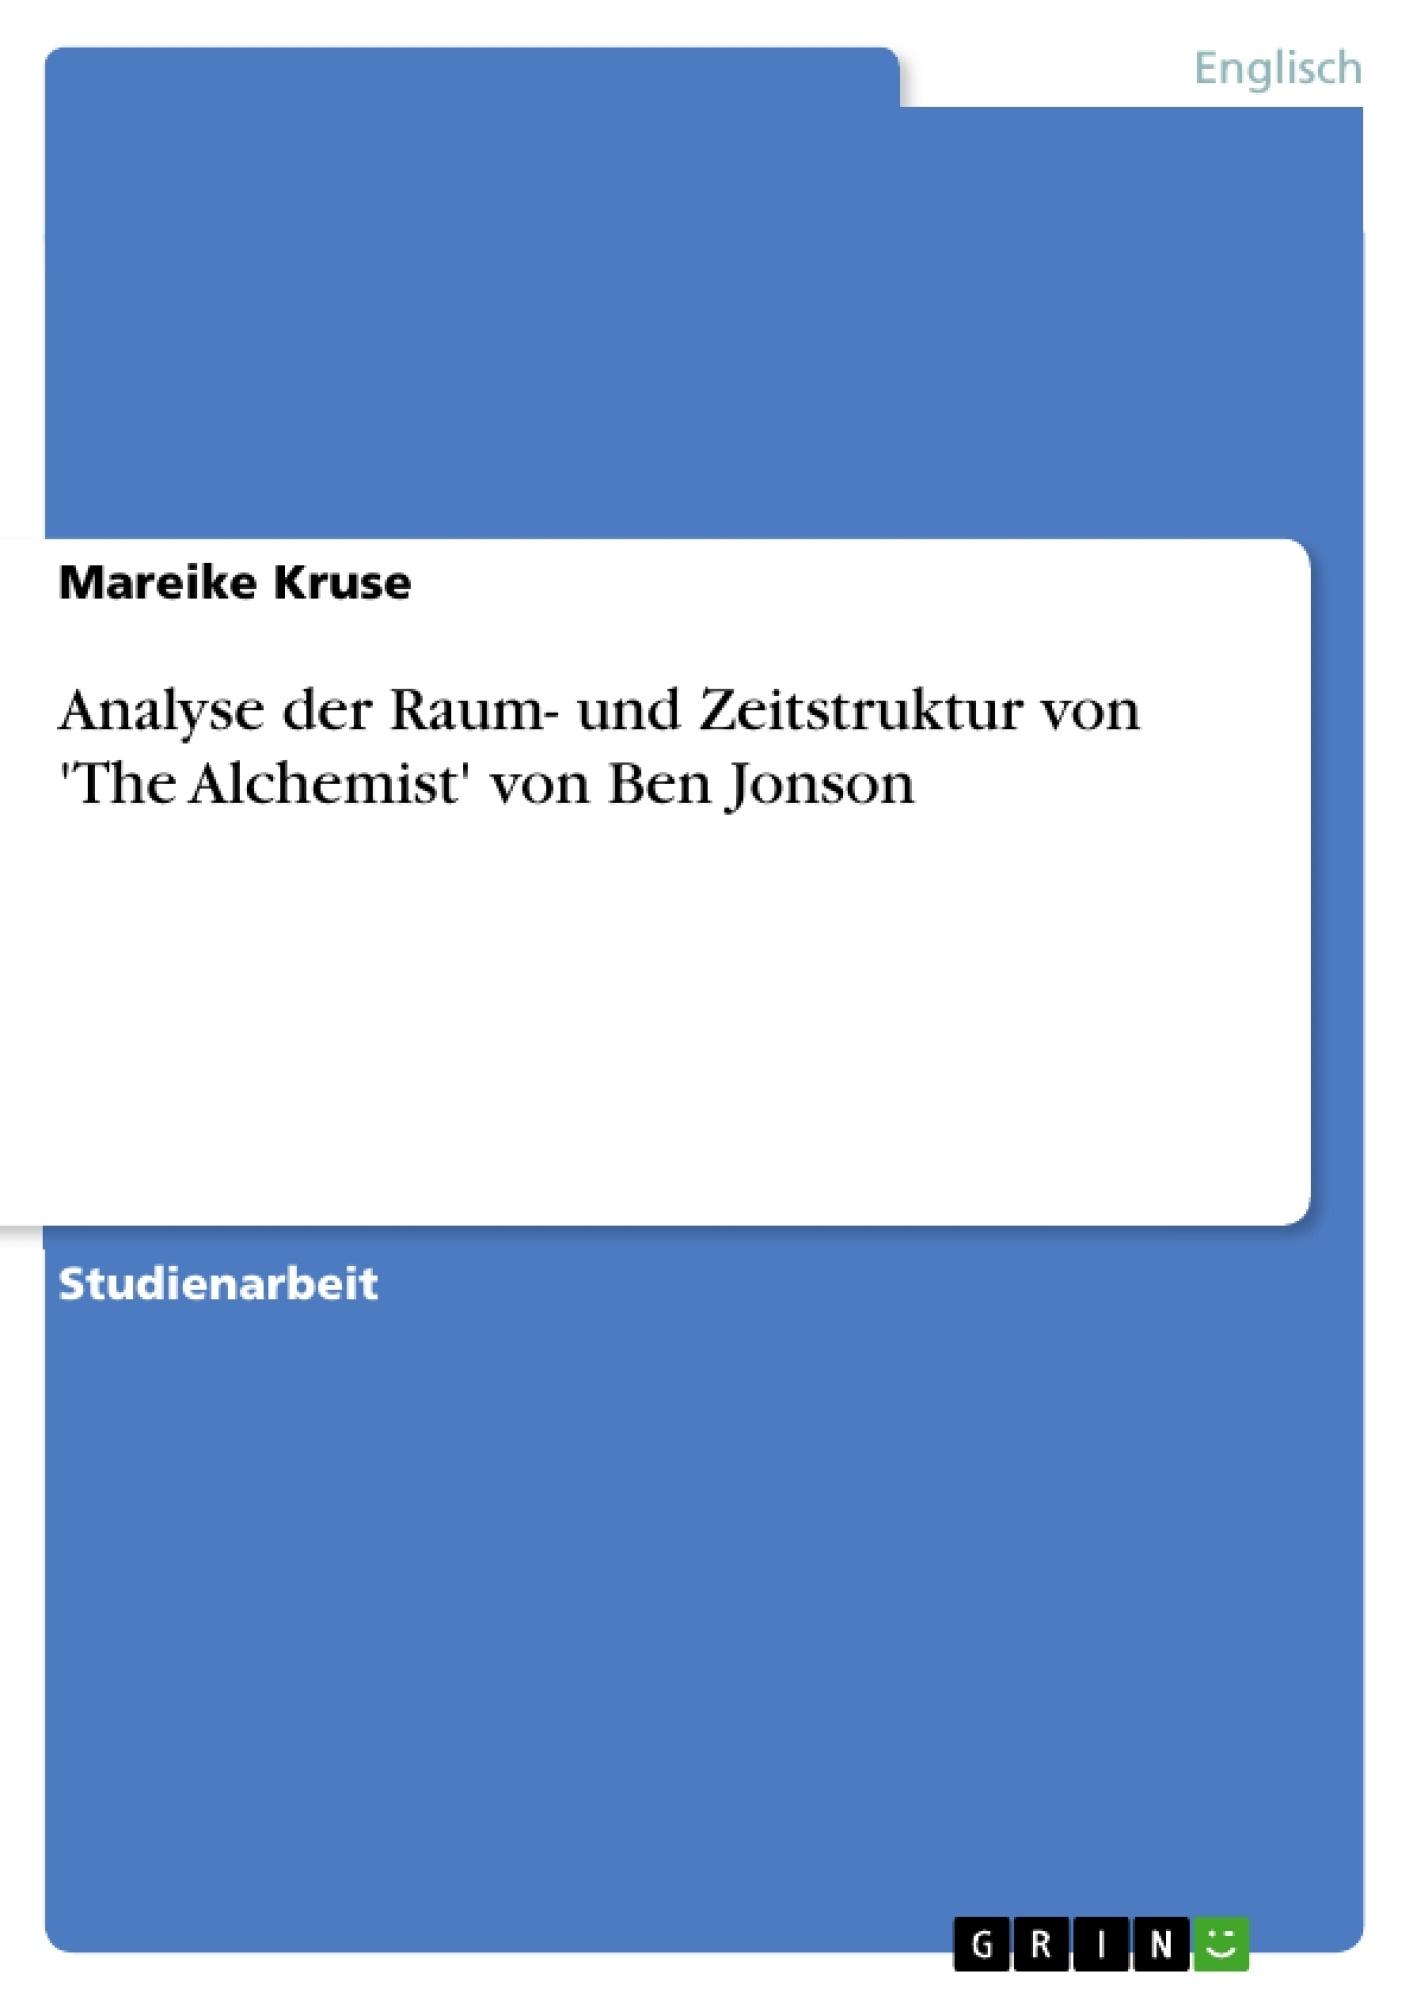 Titel: Analyse der Raum- und Zeitstruktur von 'The Alchemist' von Ben Jonson